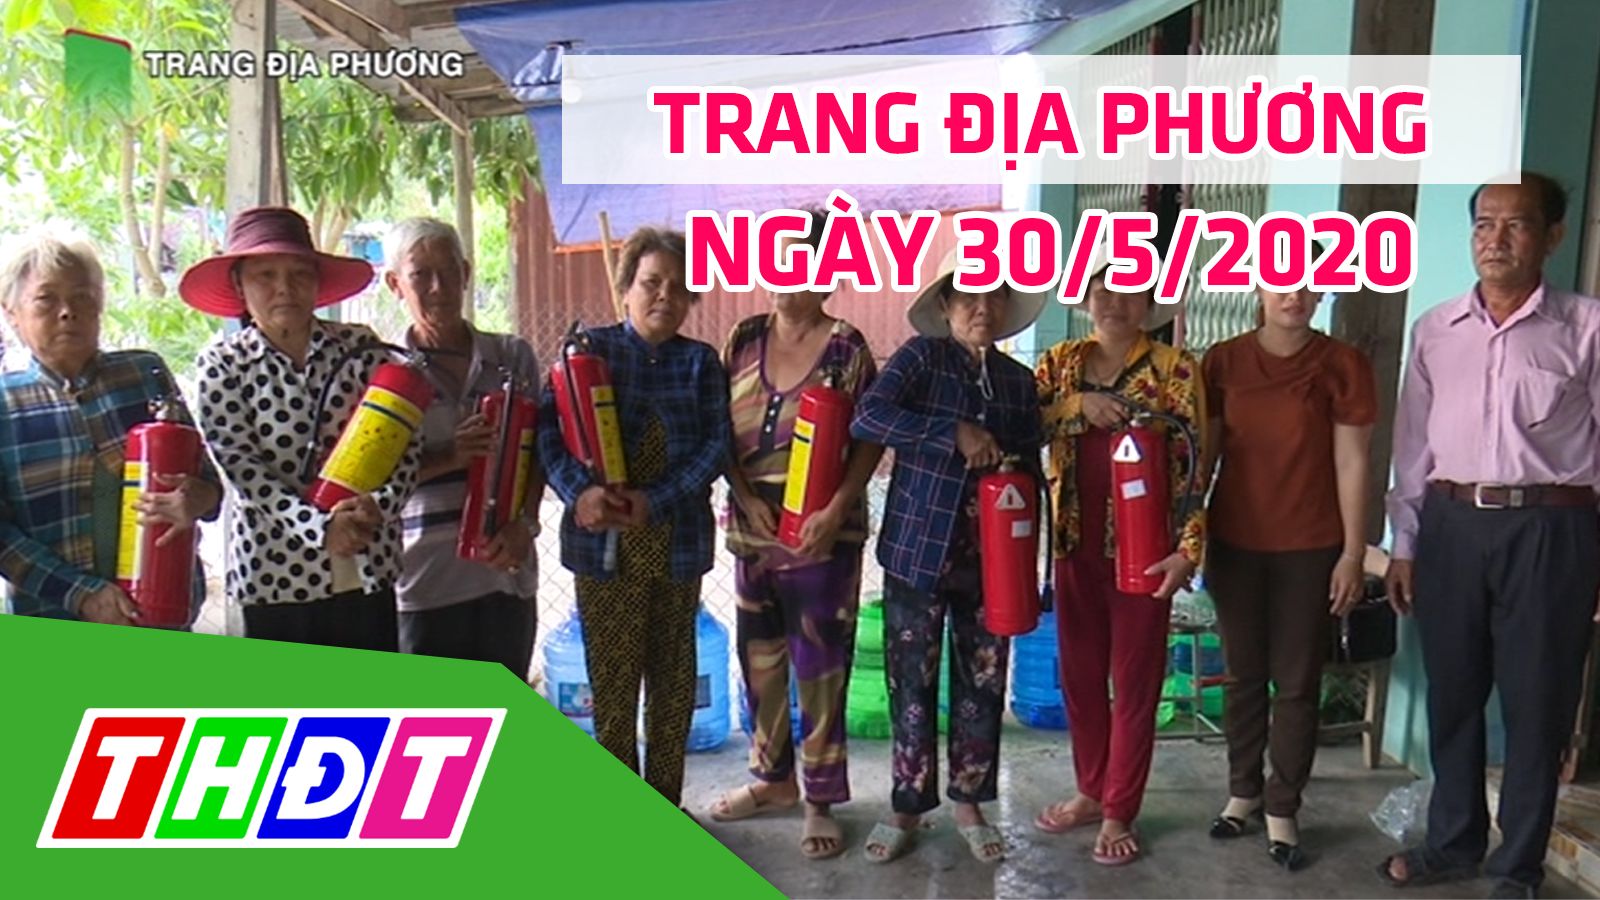 Trang tin địa phương - Thứ bảy, 30/5/2020 - Huyện Tân Hồng